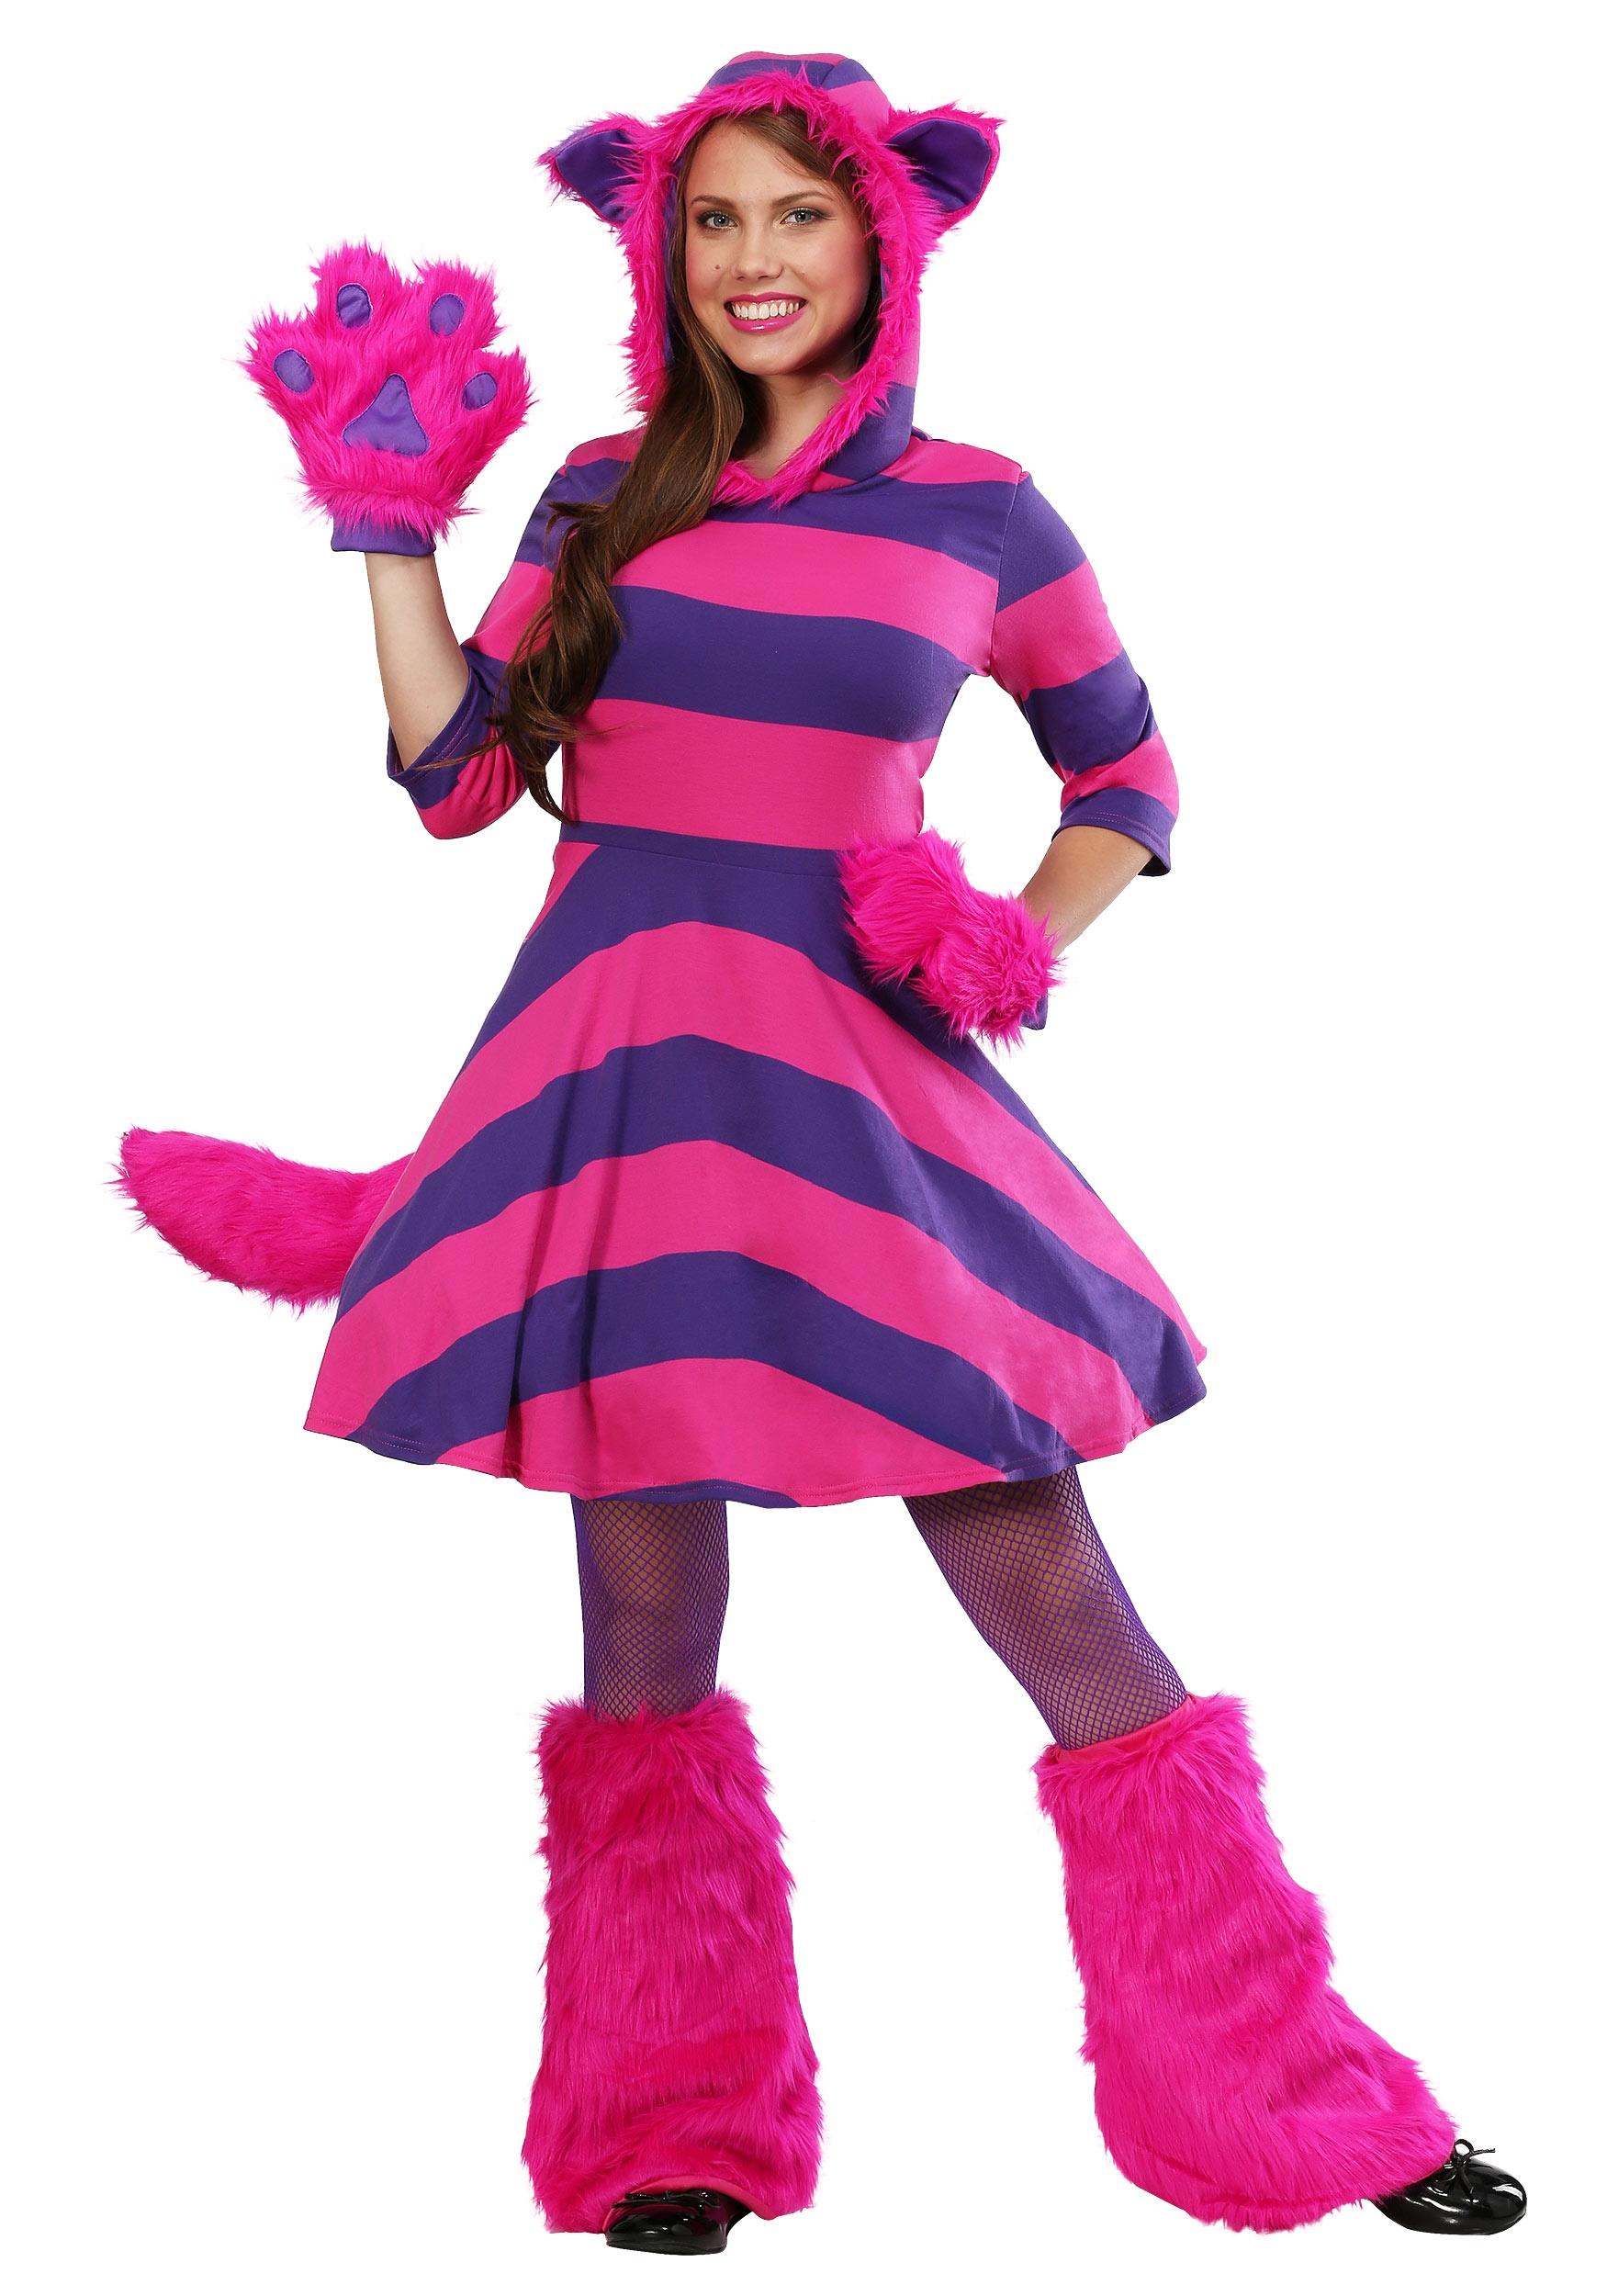 34b336cb713c0 Cheshire Cat Plus Size Women s Costume